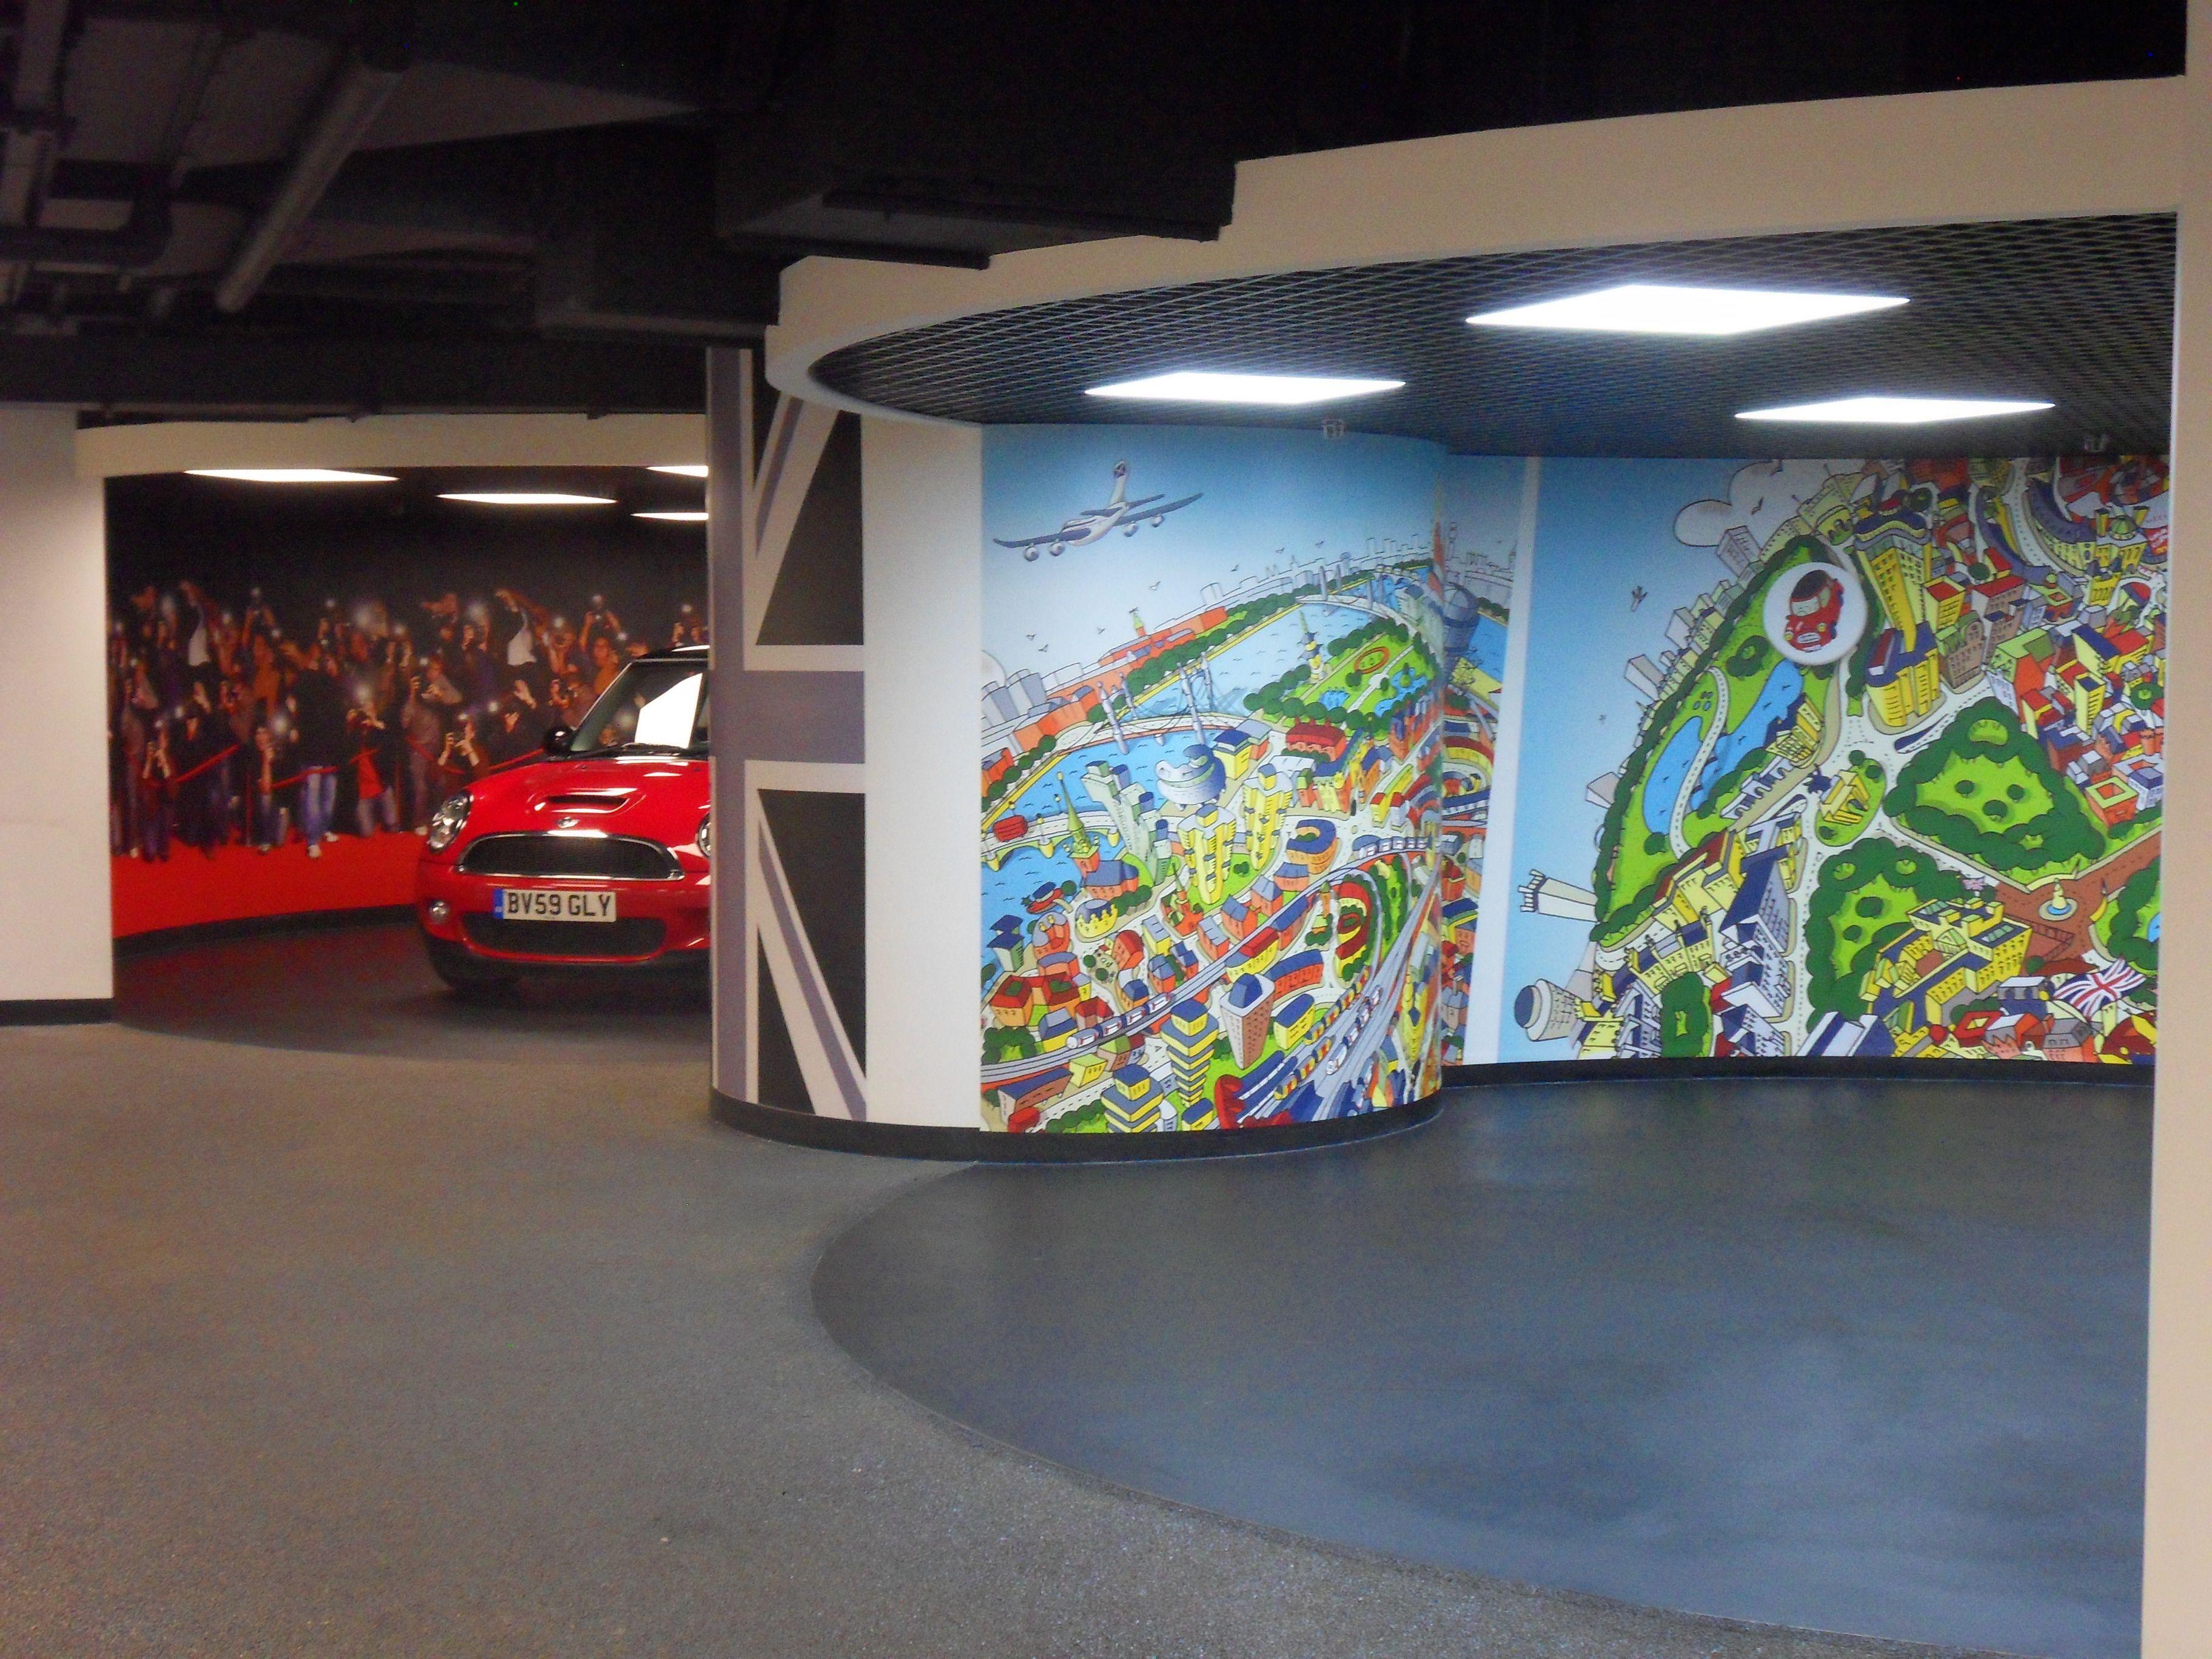 MINI Car Showroom Large Format Printing Of Digital Wallpaper Carshowroom LFP Largeformatprint